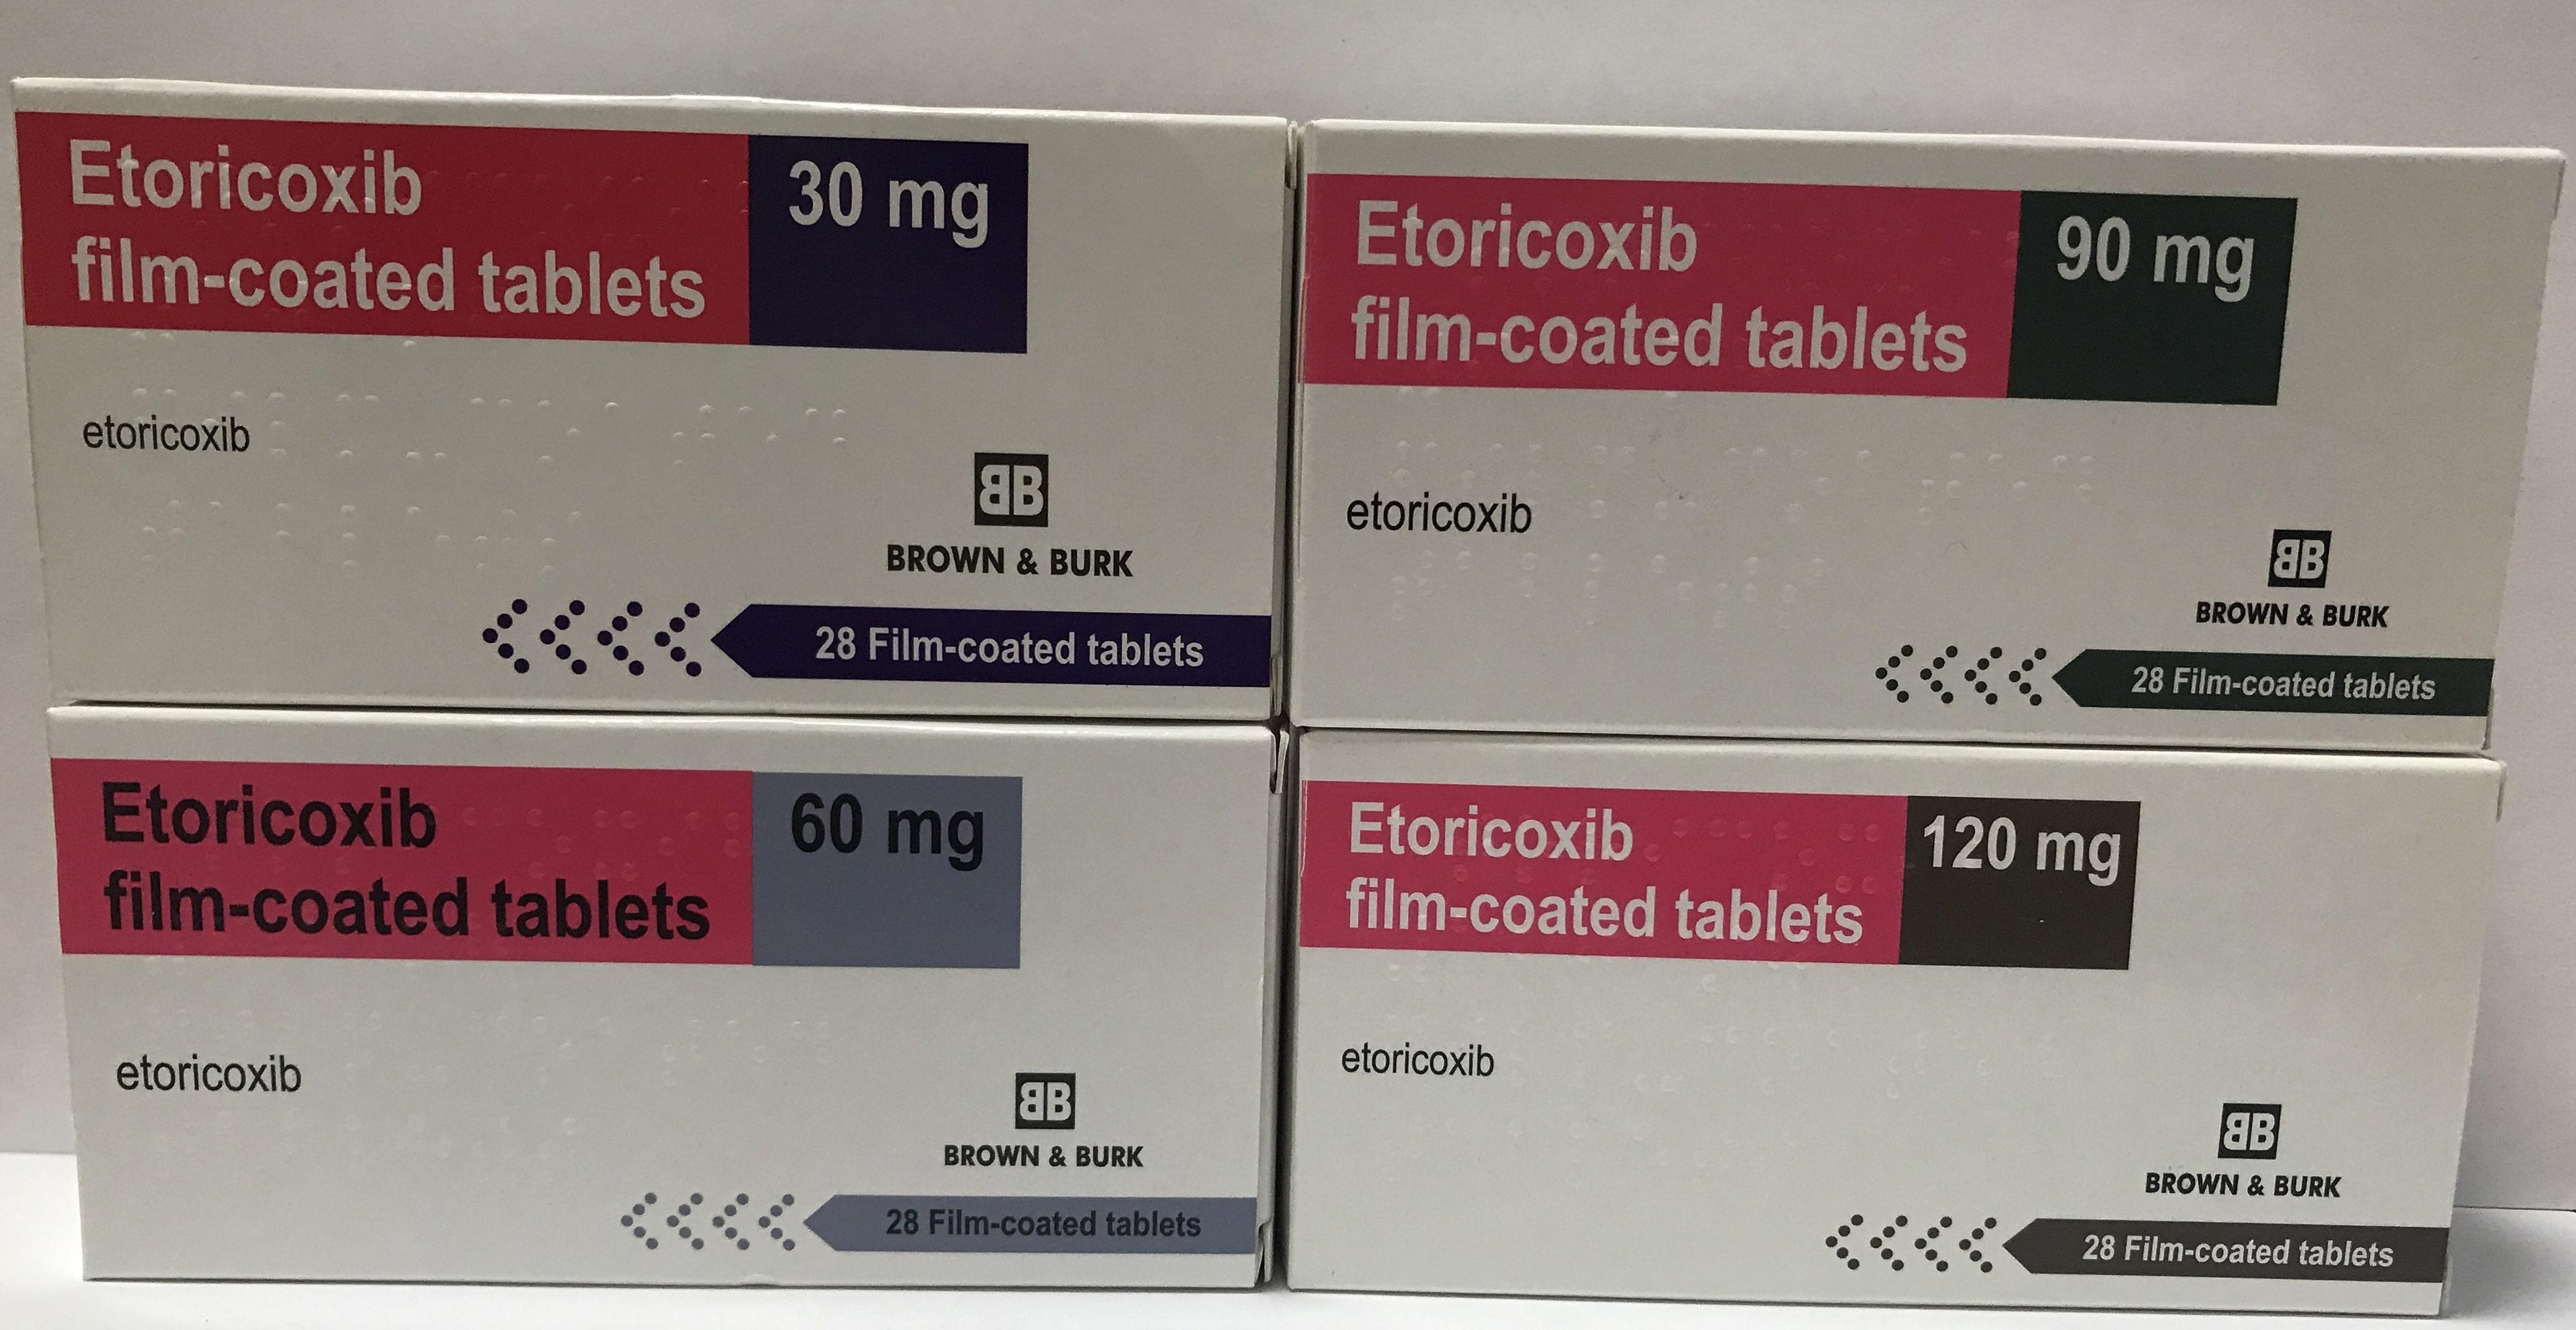 Etoricoxib all mgs